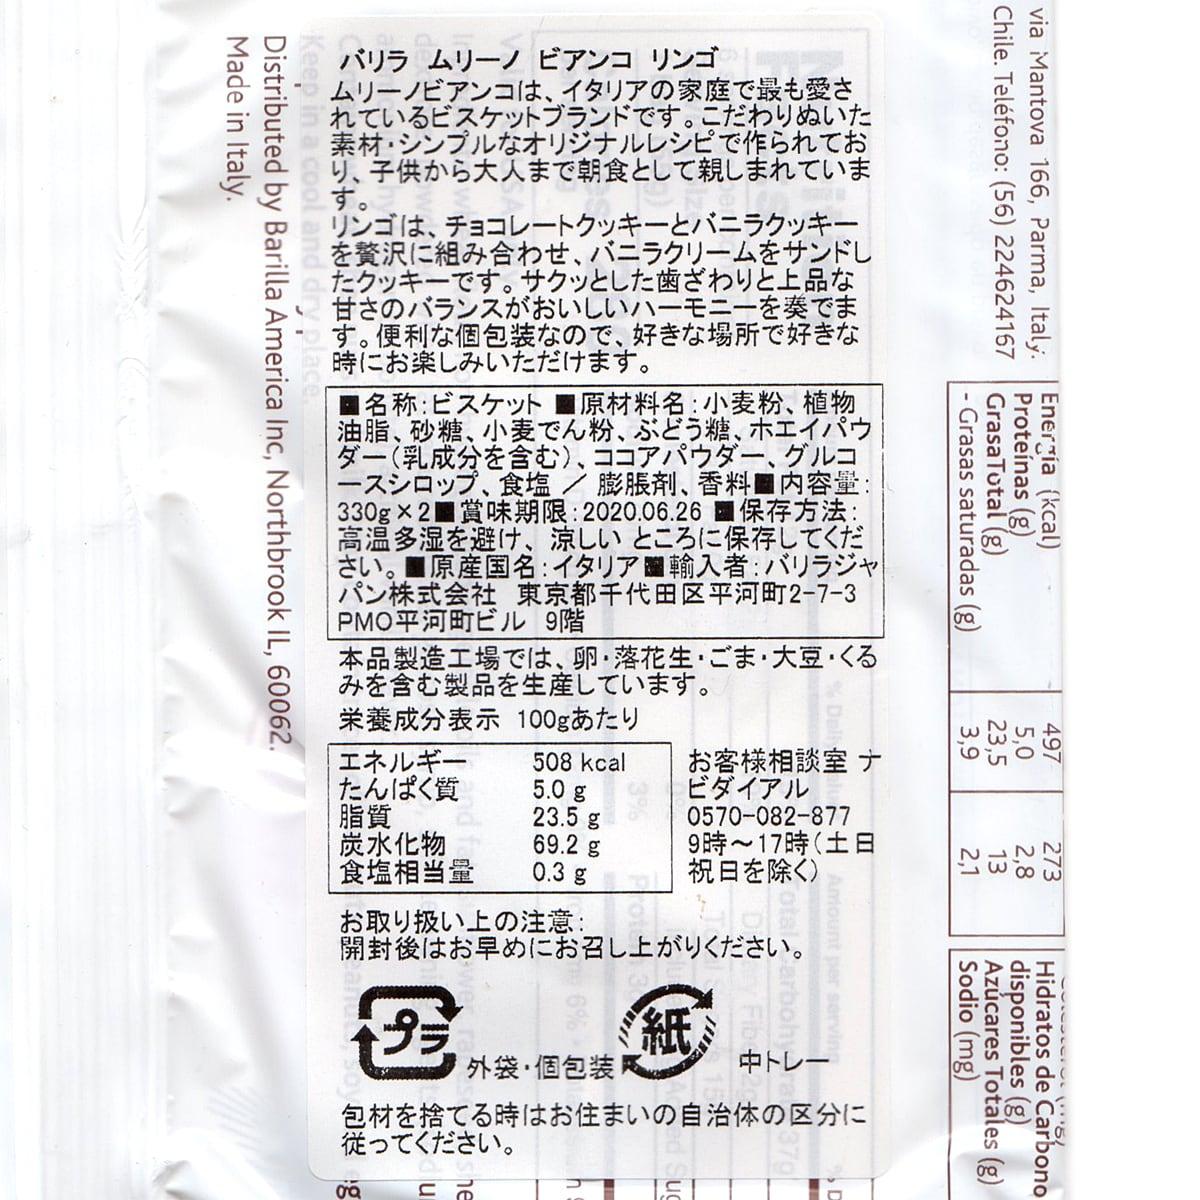 バリラ ムリーノビアンコ リンゴ バニラクリームサンドイッチクッキー 商品ラベル(原材料・カロリーほか)